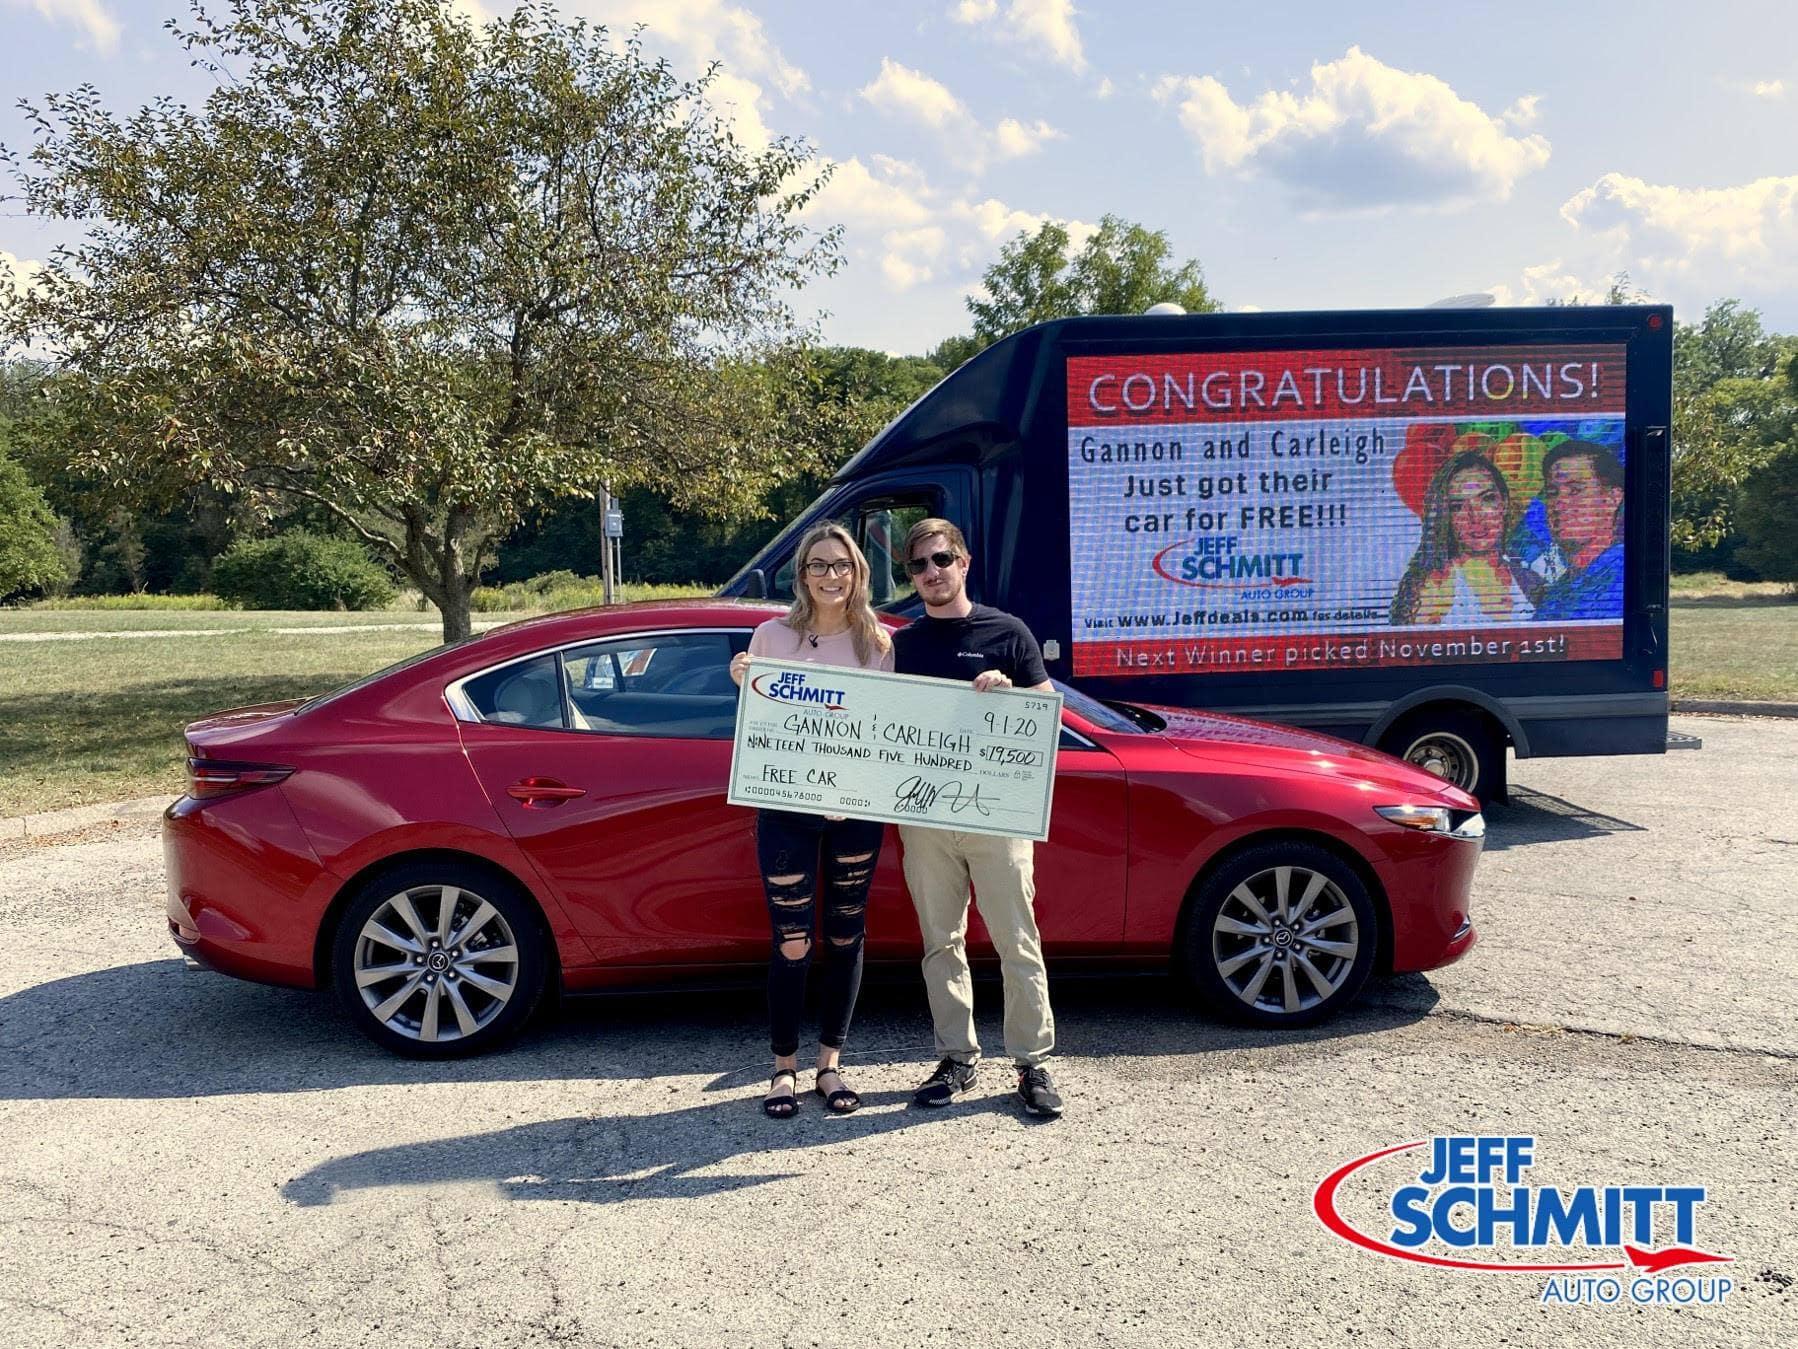 Jeff Schmitt Free Car Giveaway Winners